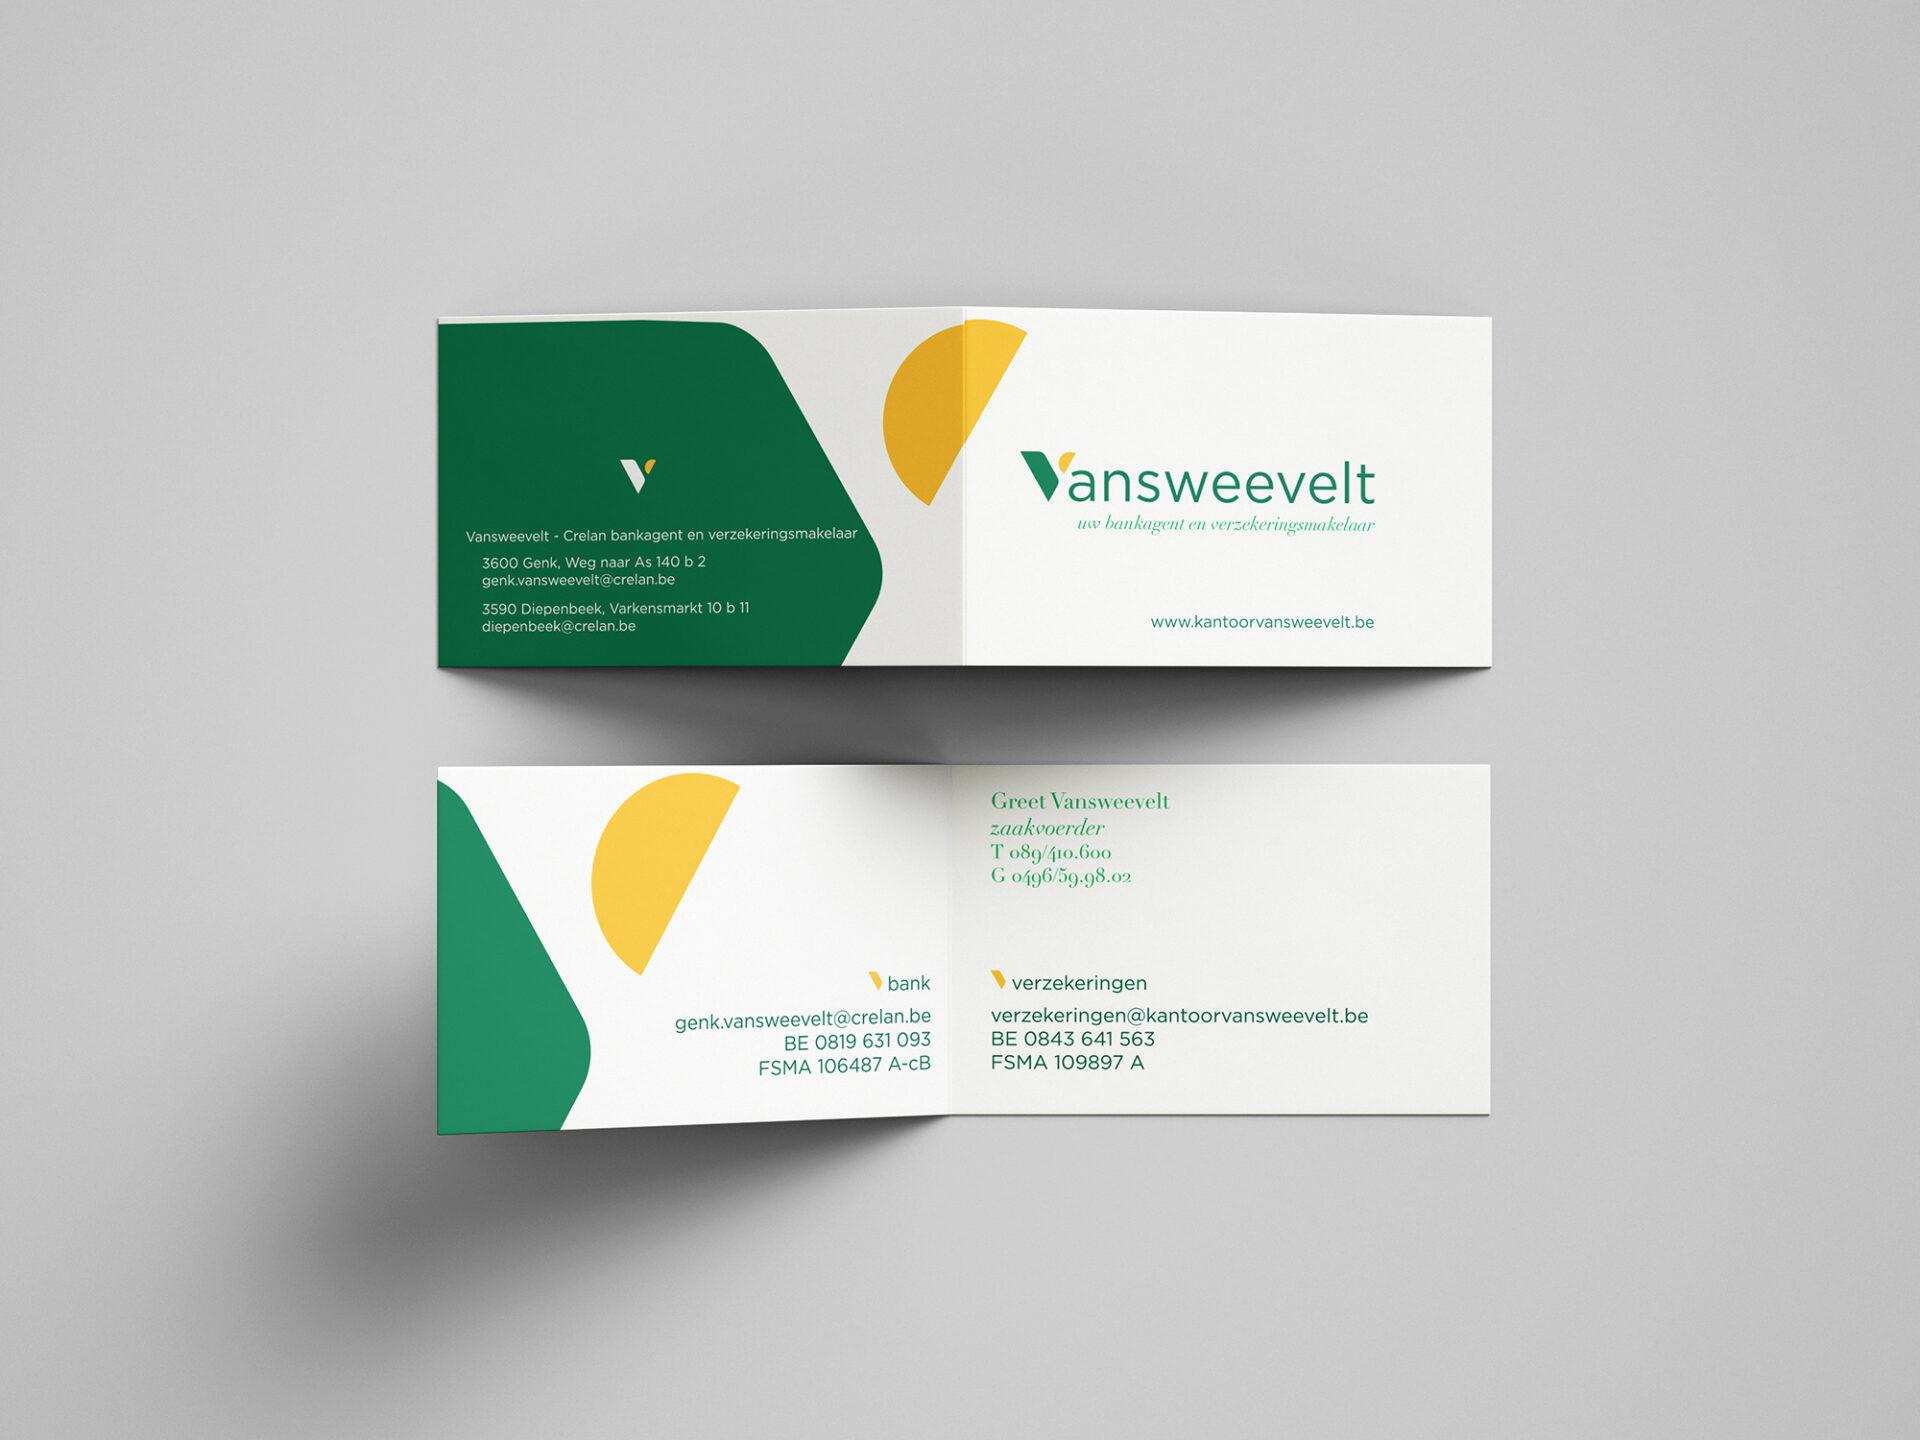 Ontwerp_visitekaarten_verzekeringsagent